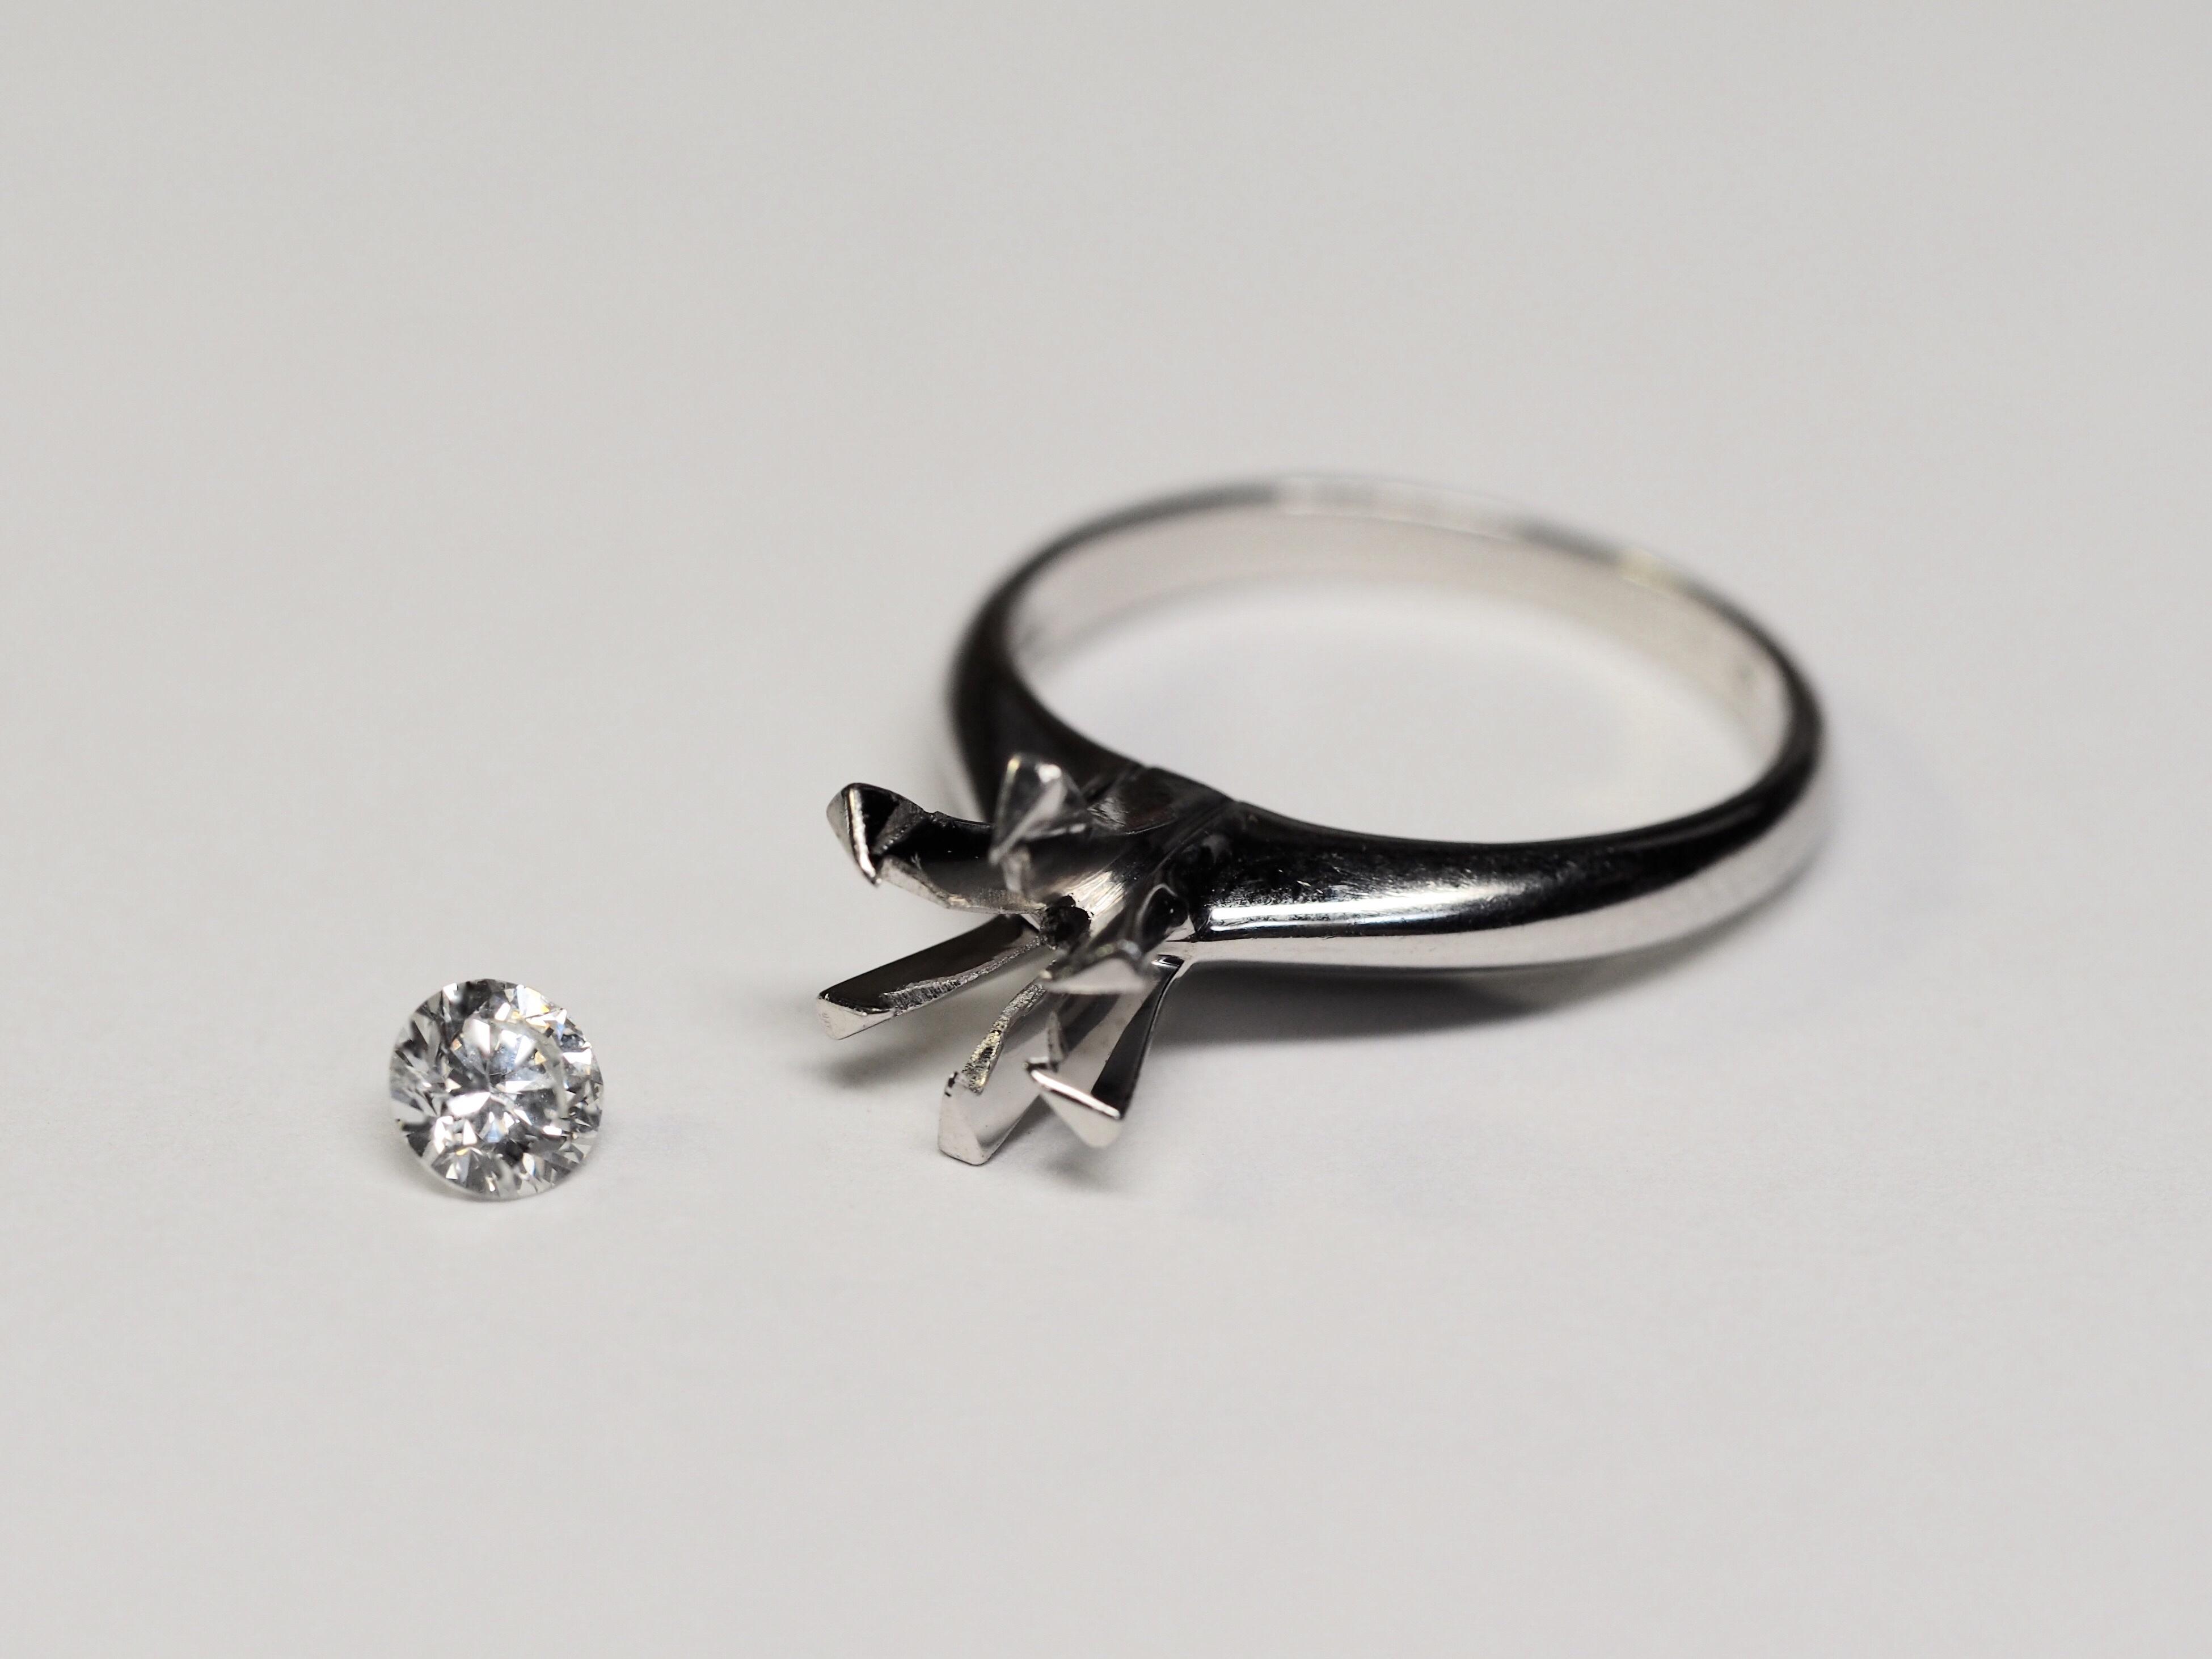 立て爪 指輪 修理 リフォームジュエリー リメイク リモデル プラチナ 立て爪 ダイヤモンド SAIJO 森拓郎